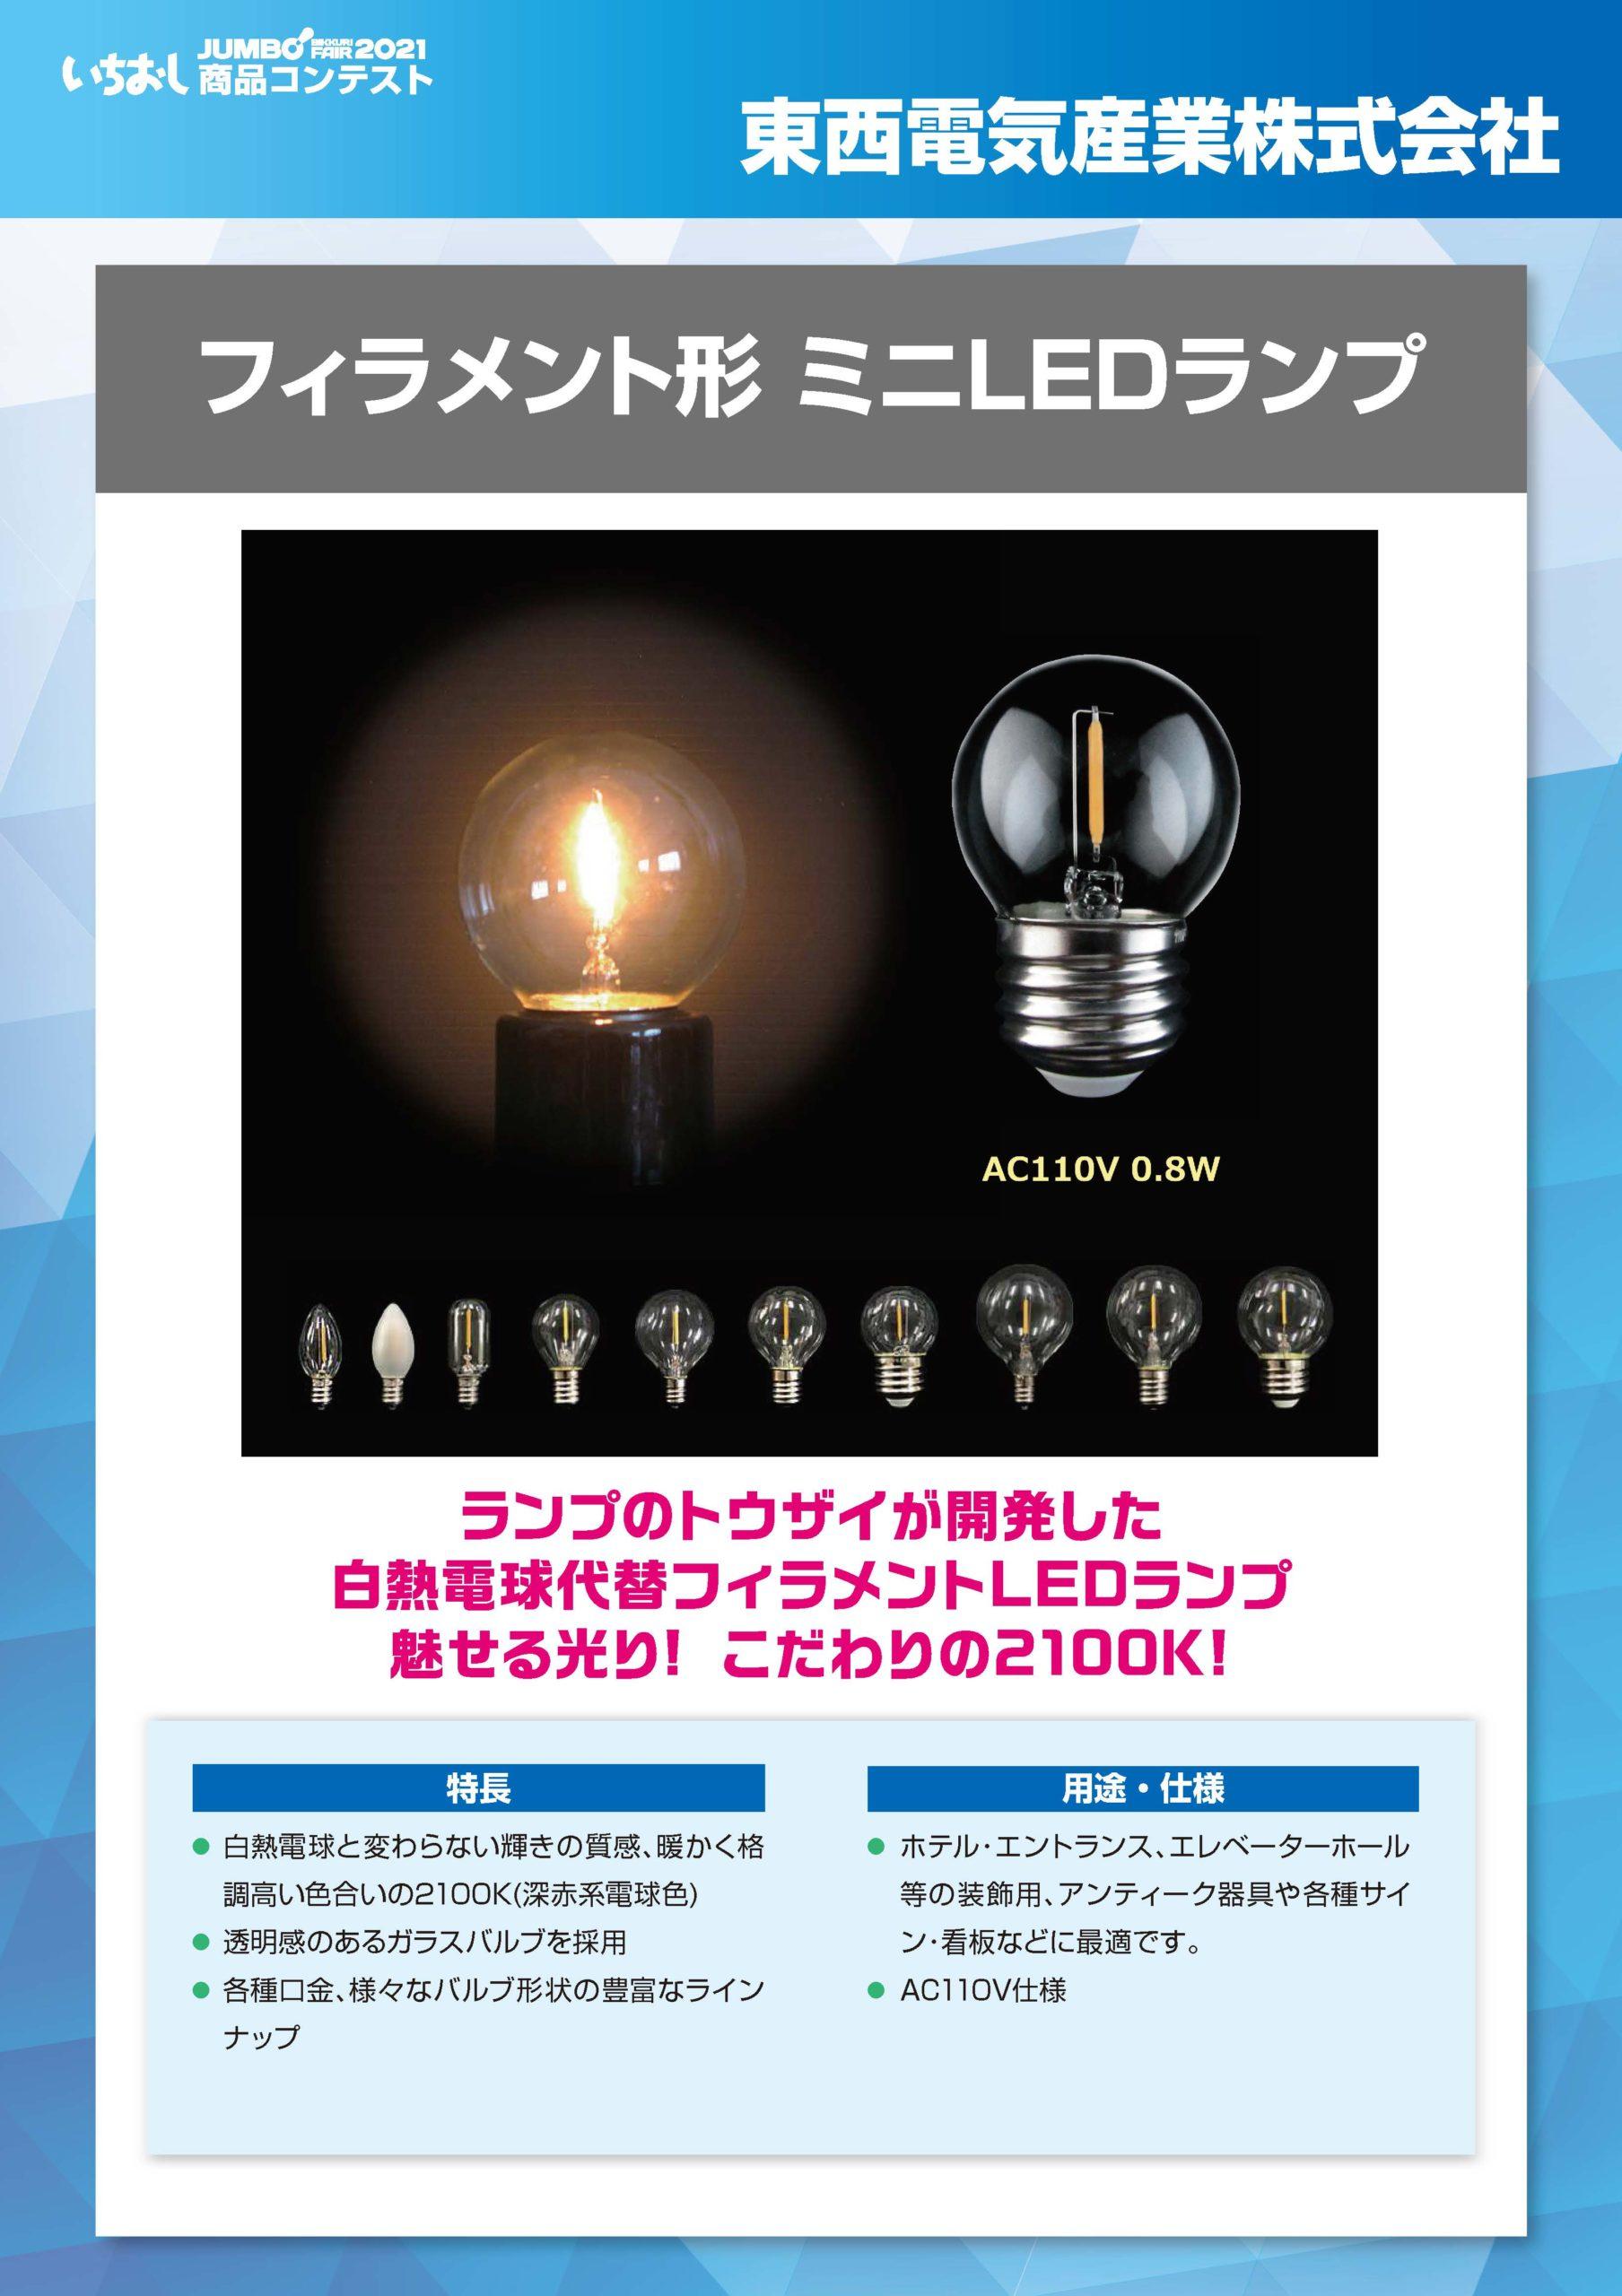 「フィラメント形 ミニLEDランプ」東西電気産業株式会社の画像